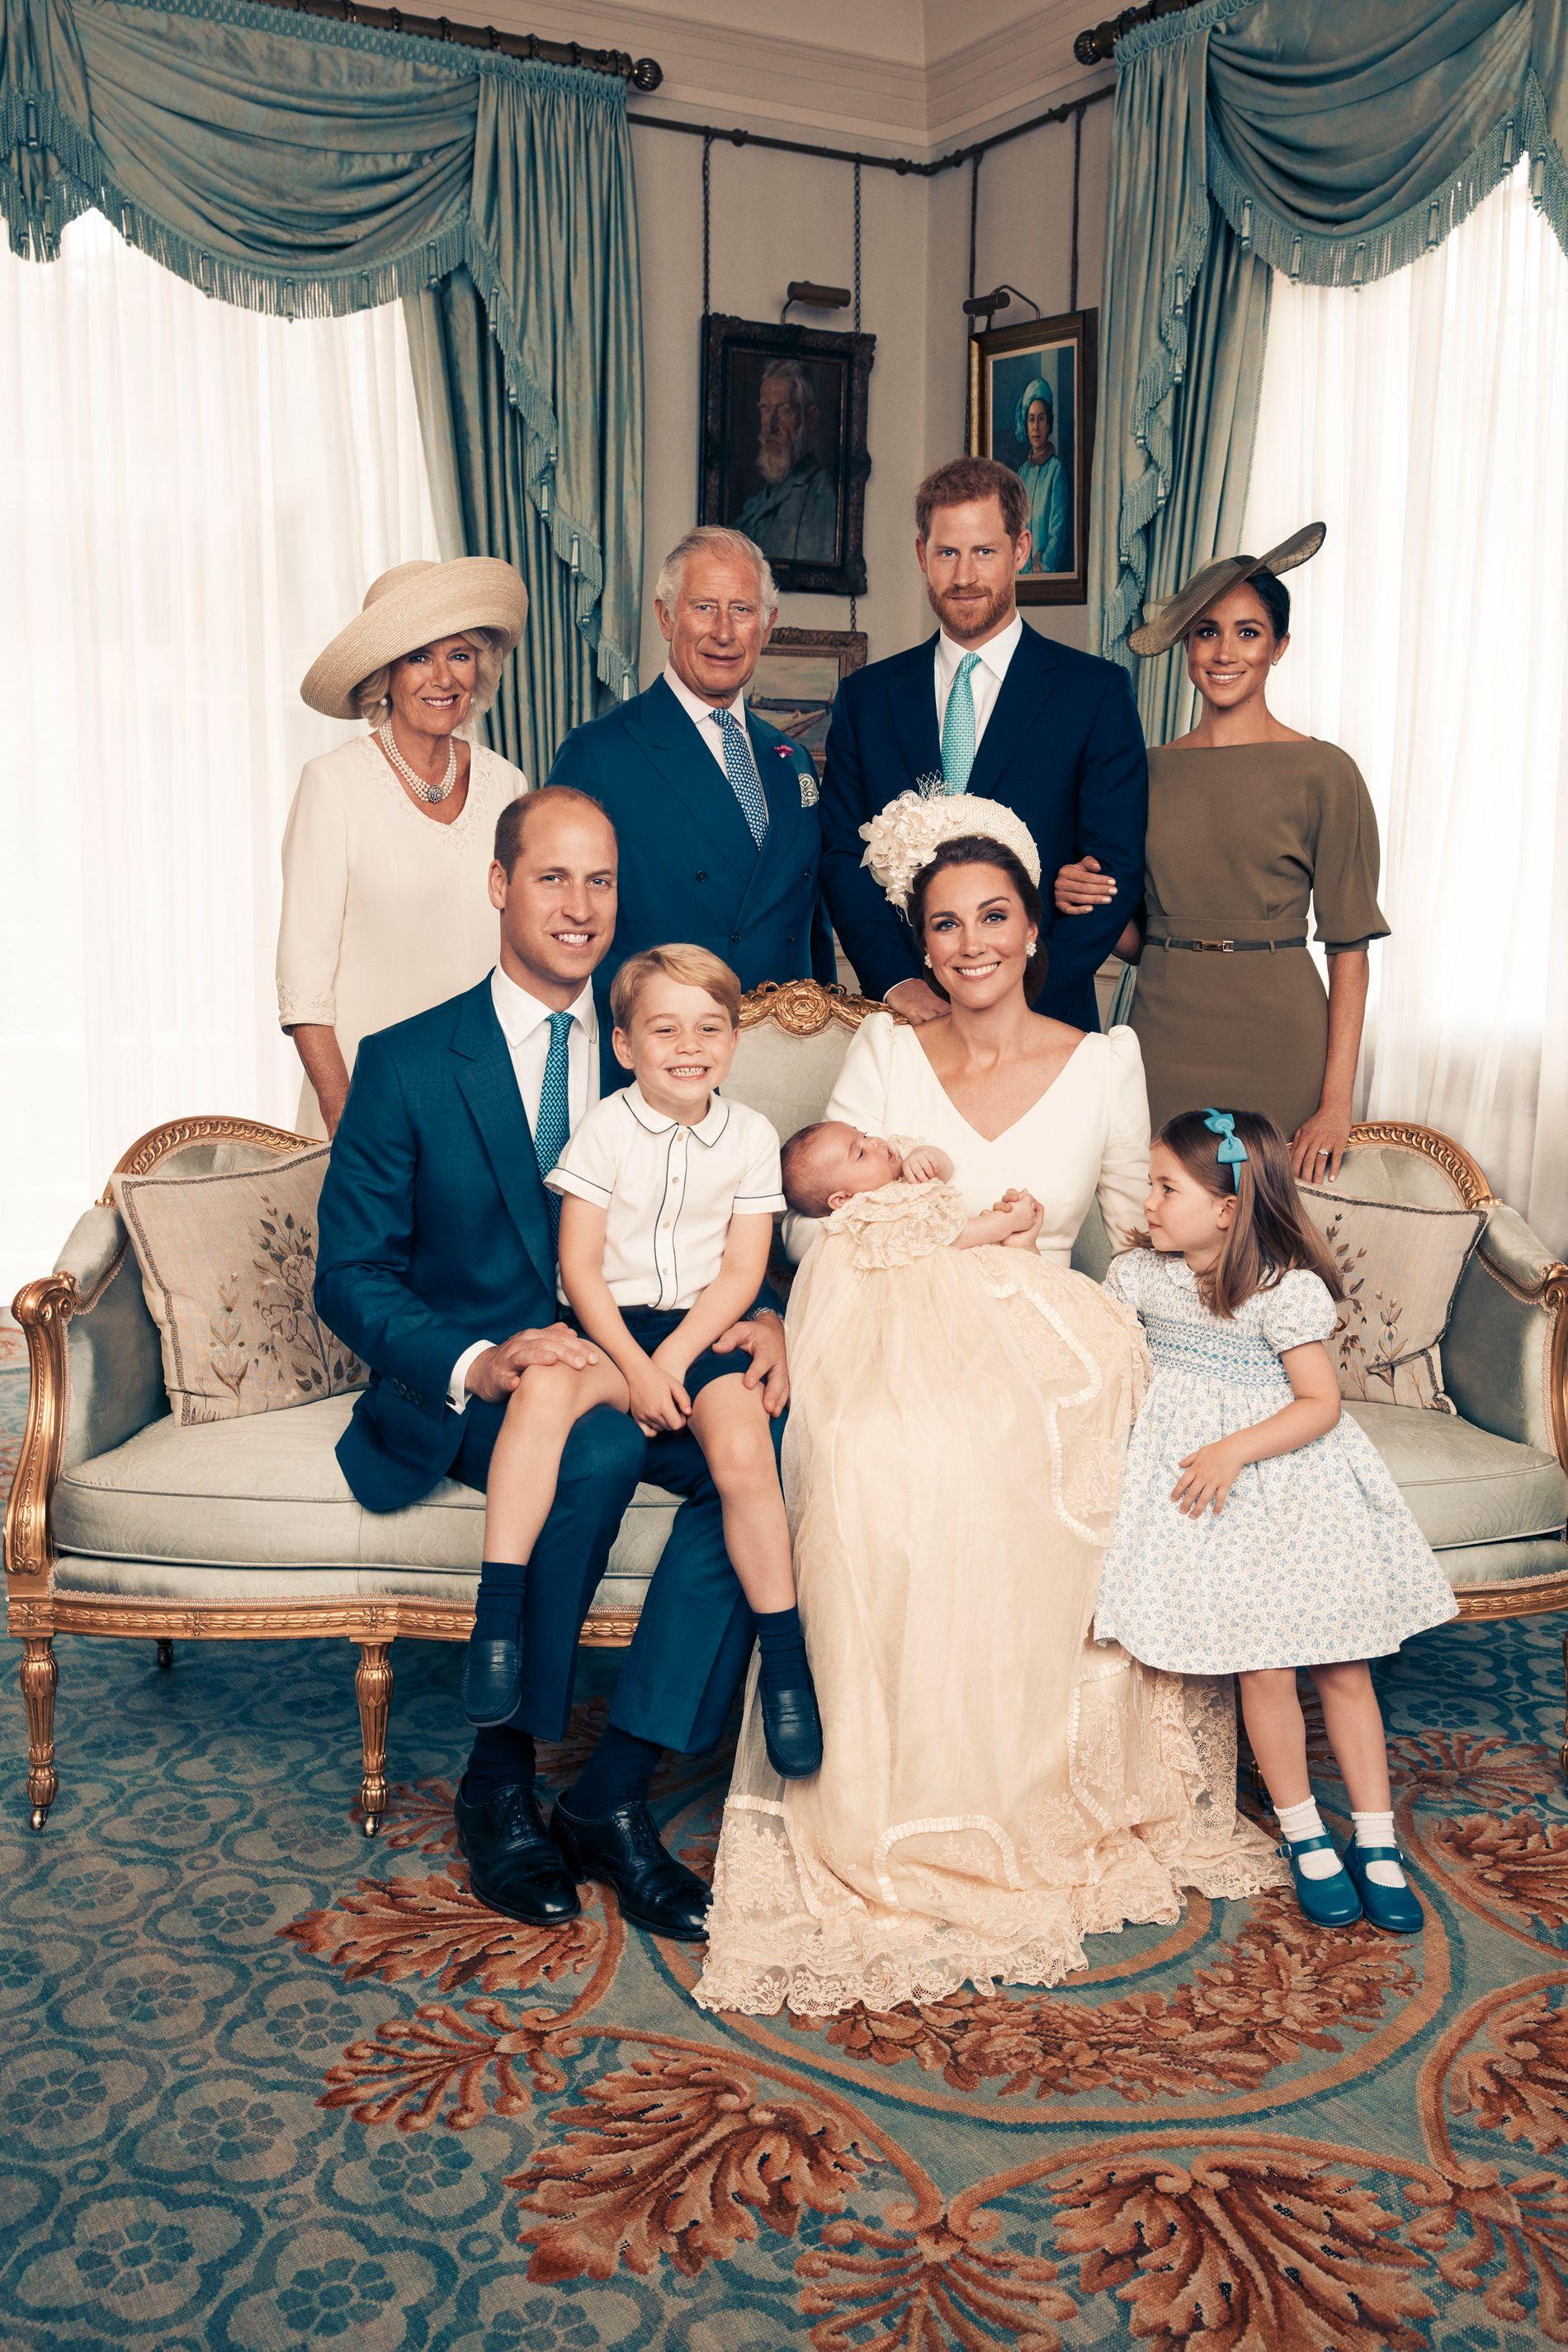 De nybakte foreldrene, også med prins George (4) og prinsesse Charlotte (3) på fanget. Hertuginne av Sussex, Meghan (t.h), har vært offisiell del av kongefamilien siden bryllupet 19. mai i år.